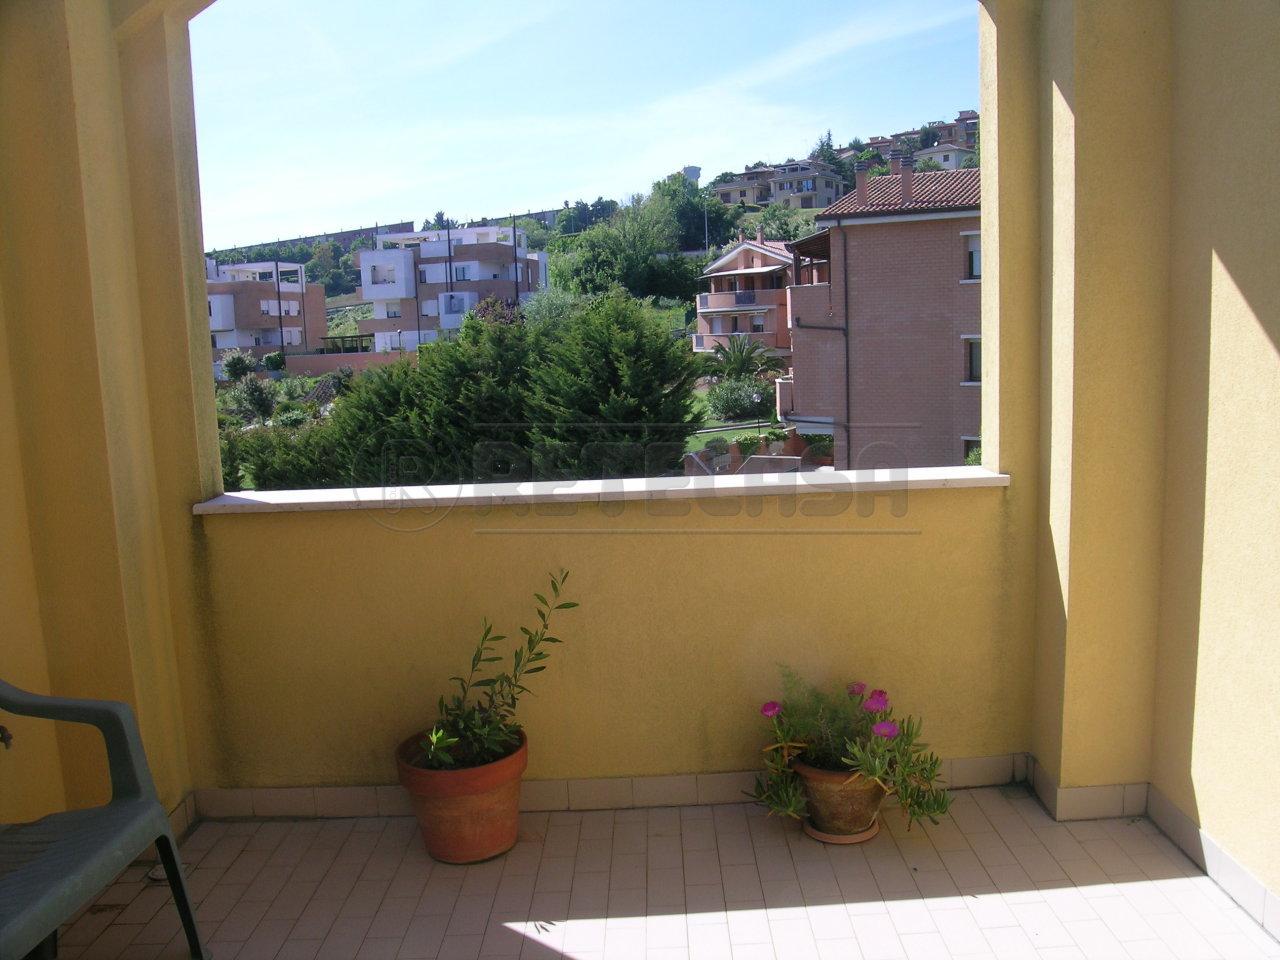 Trilocale in vendita a Ancona in Via Cimetta